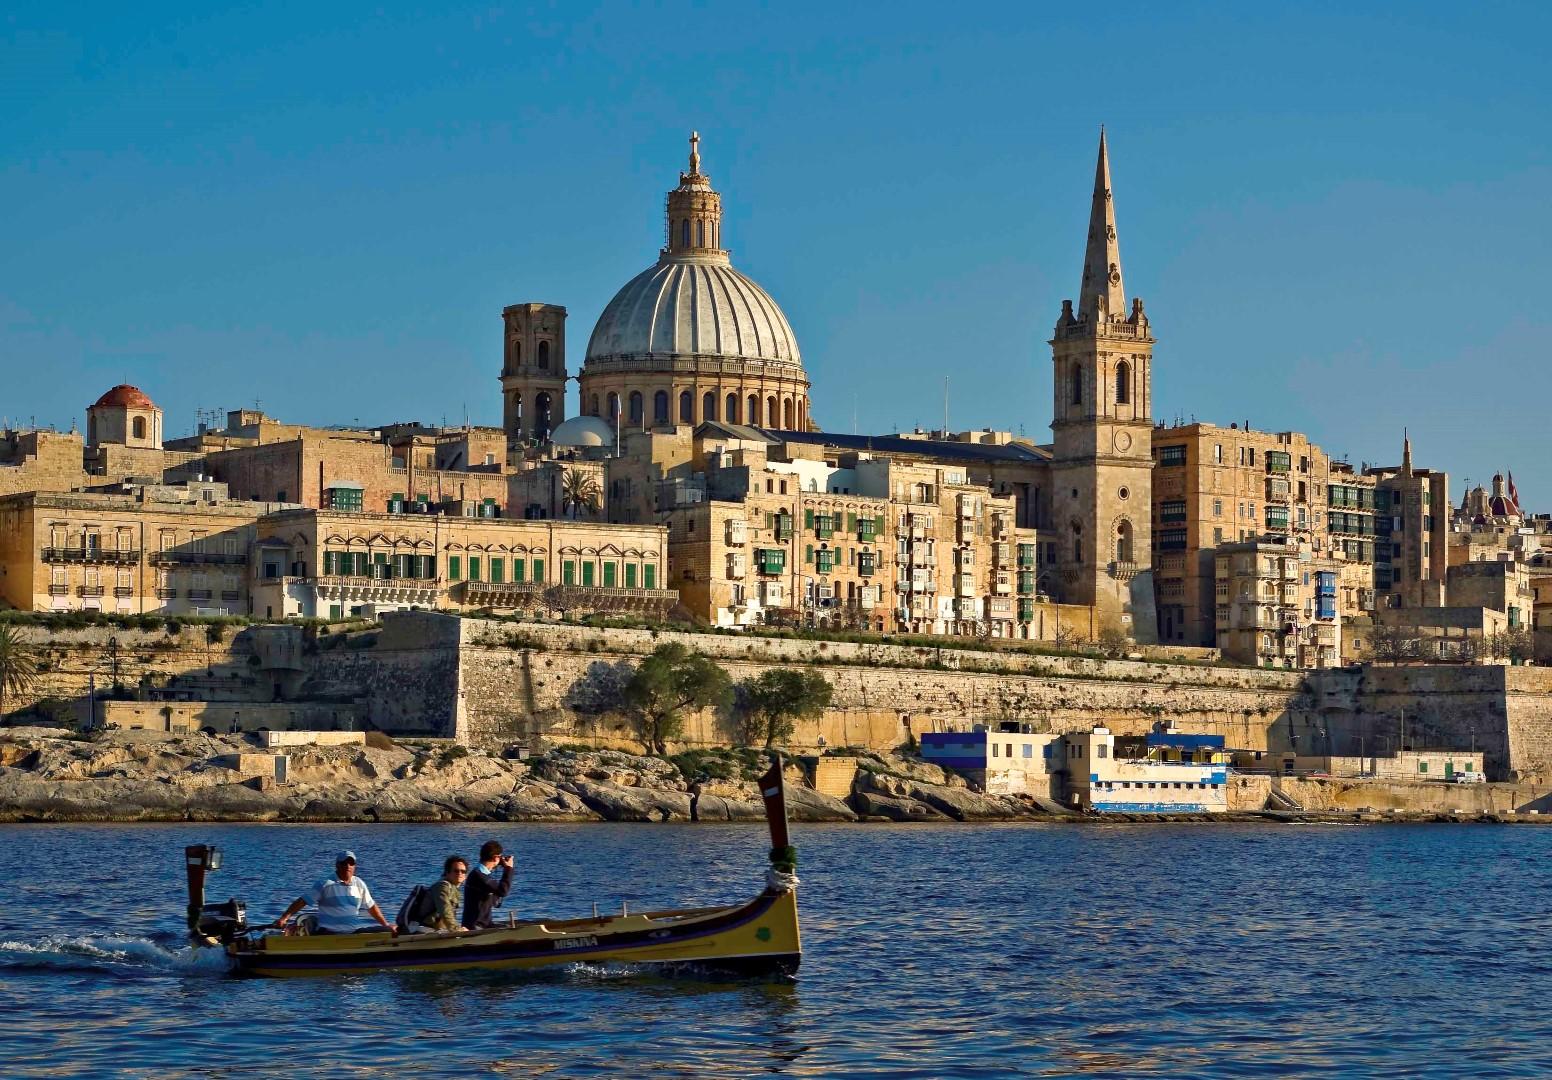 Spiagge, musica e notti senza fine: Malta si presenta